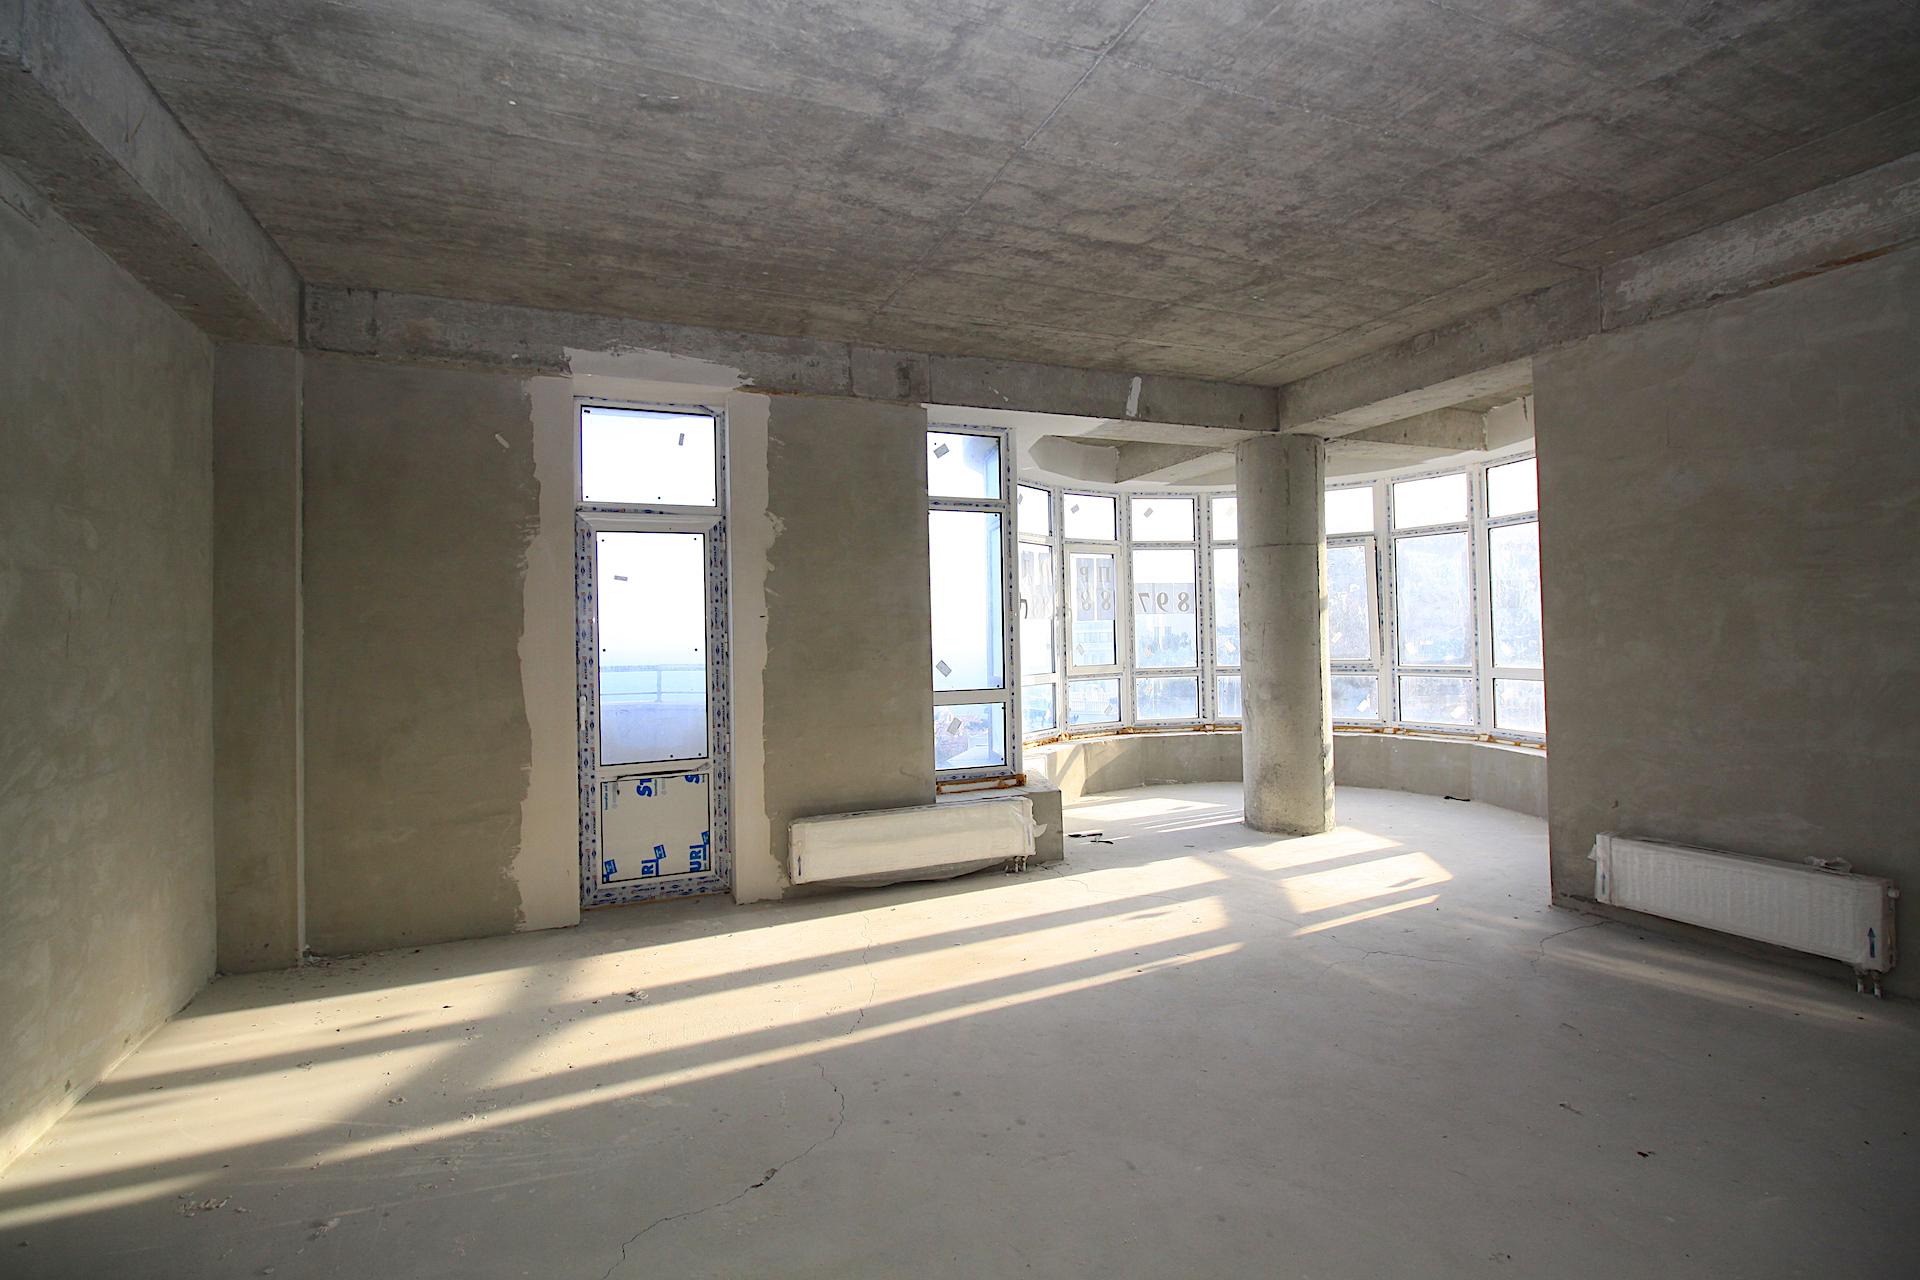 Квартира у Ливадийского Дворца 12